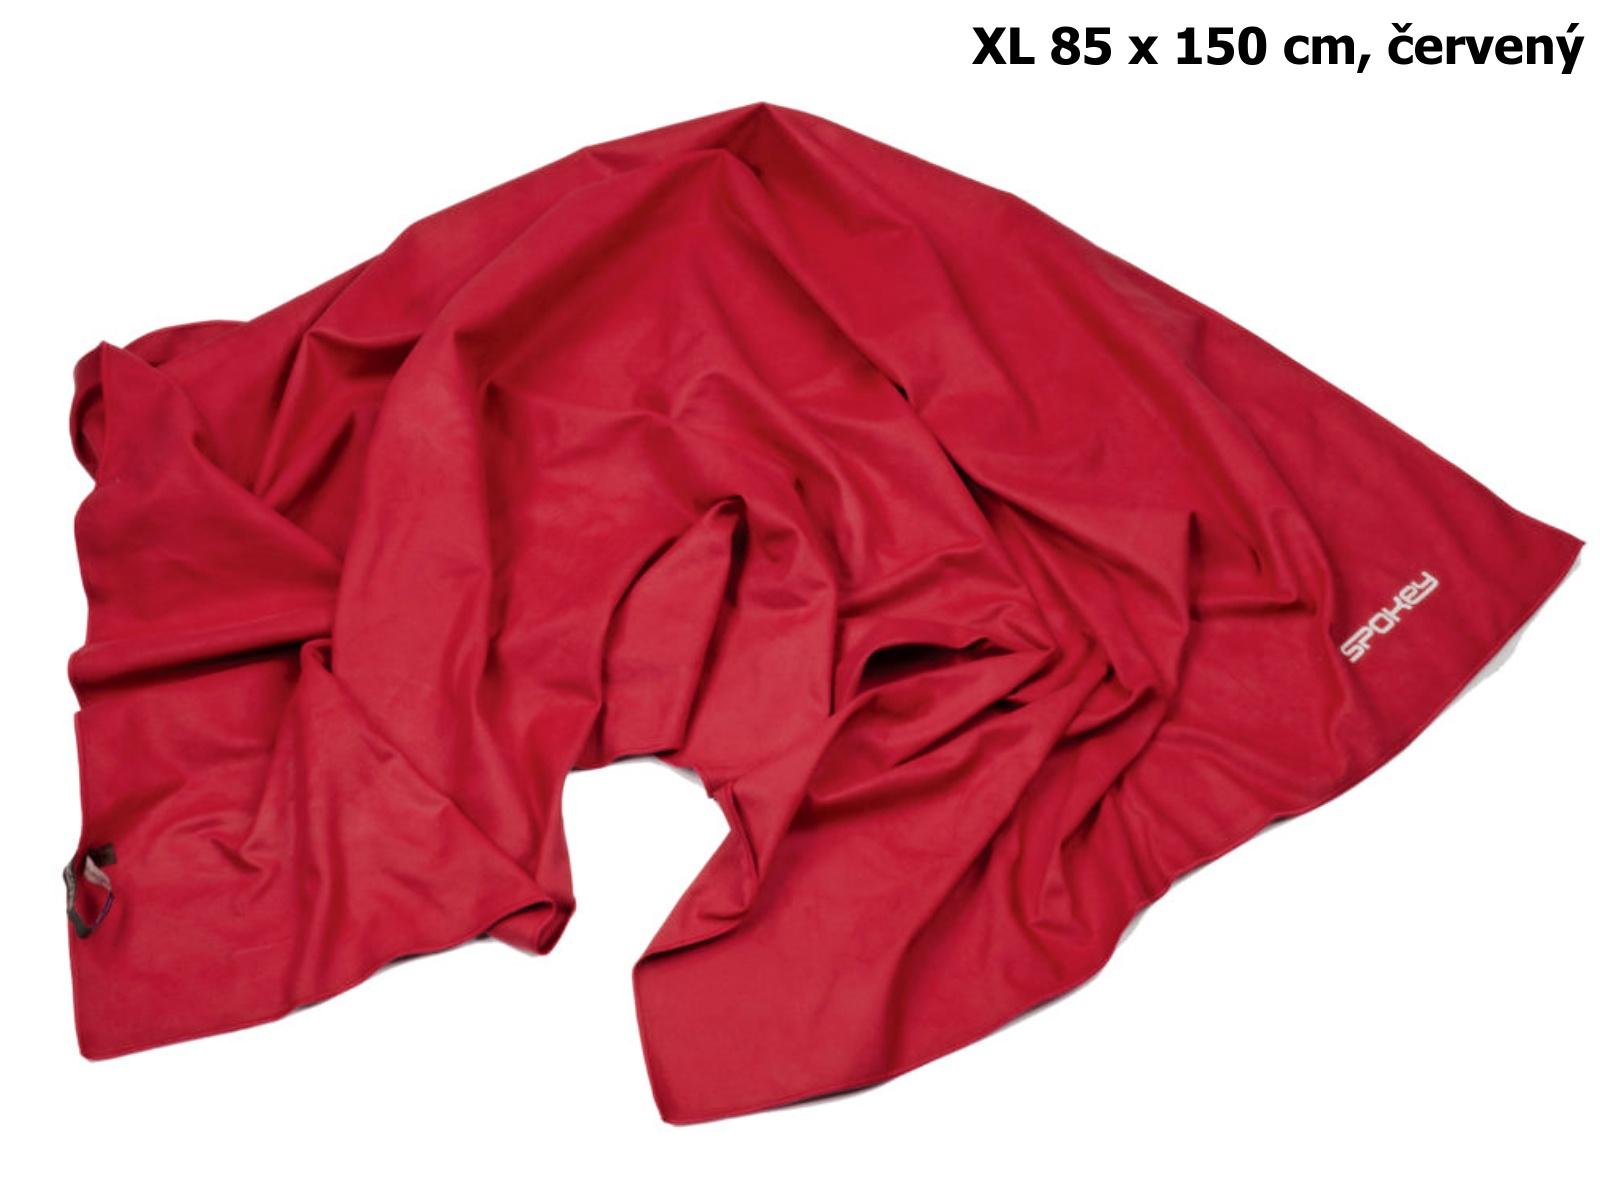 Rychleschnoucí ručník SPOKEY Sirocco XL 85 x 150 cm, červený